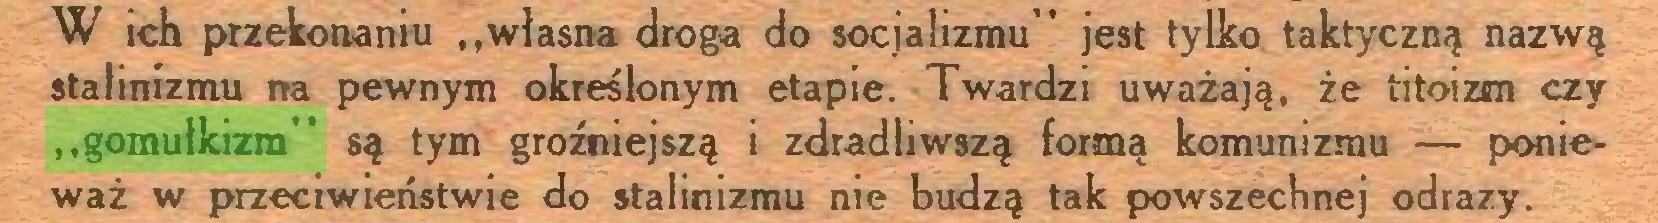 """(...) W ich przekonaniu ,,własna droga do socjalizmu"""" jest tylko taktyczną nazwą stalinizmu na pewnym określonym etapie. Twardzi uważają, że titoizm czy """"gomułkizm"""" są tym groźniejszą i zdradliwszą formą komunizmu — ponieważ w przeciwieństwie do stalinizmu nie budzą tak powszechnej odrazy..."""